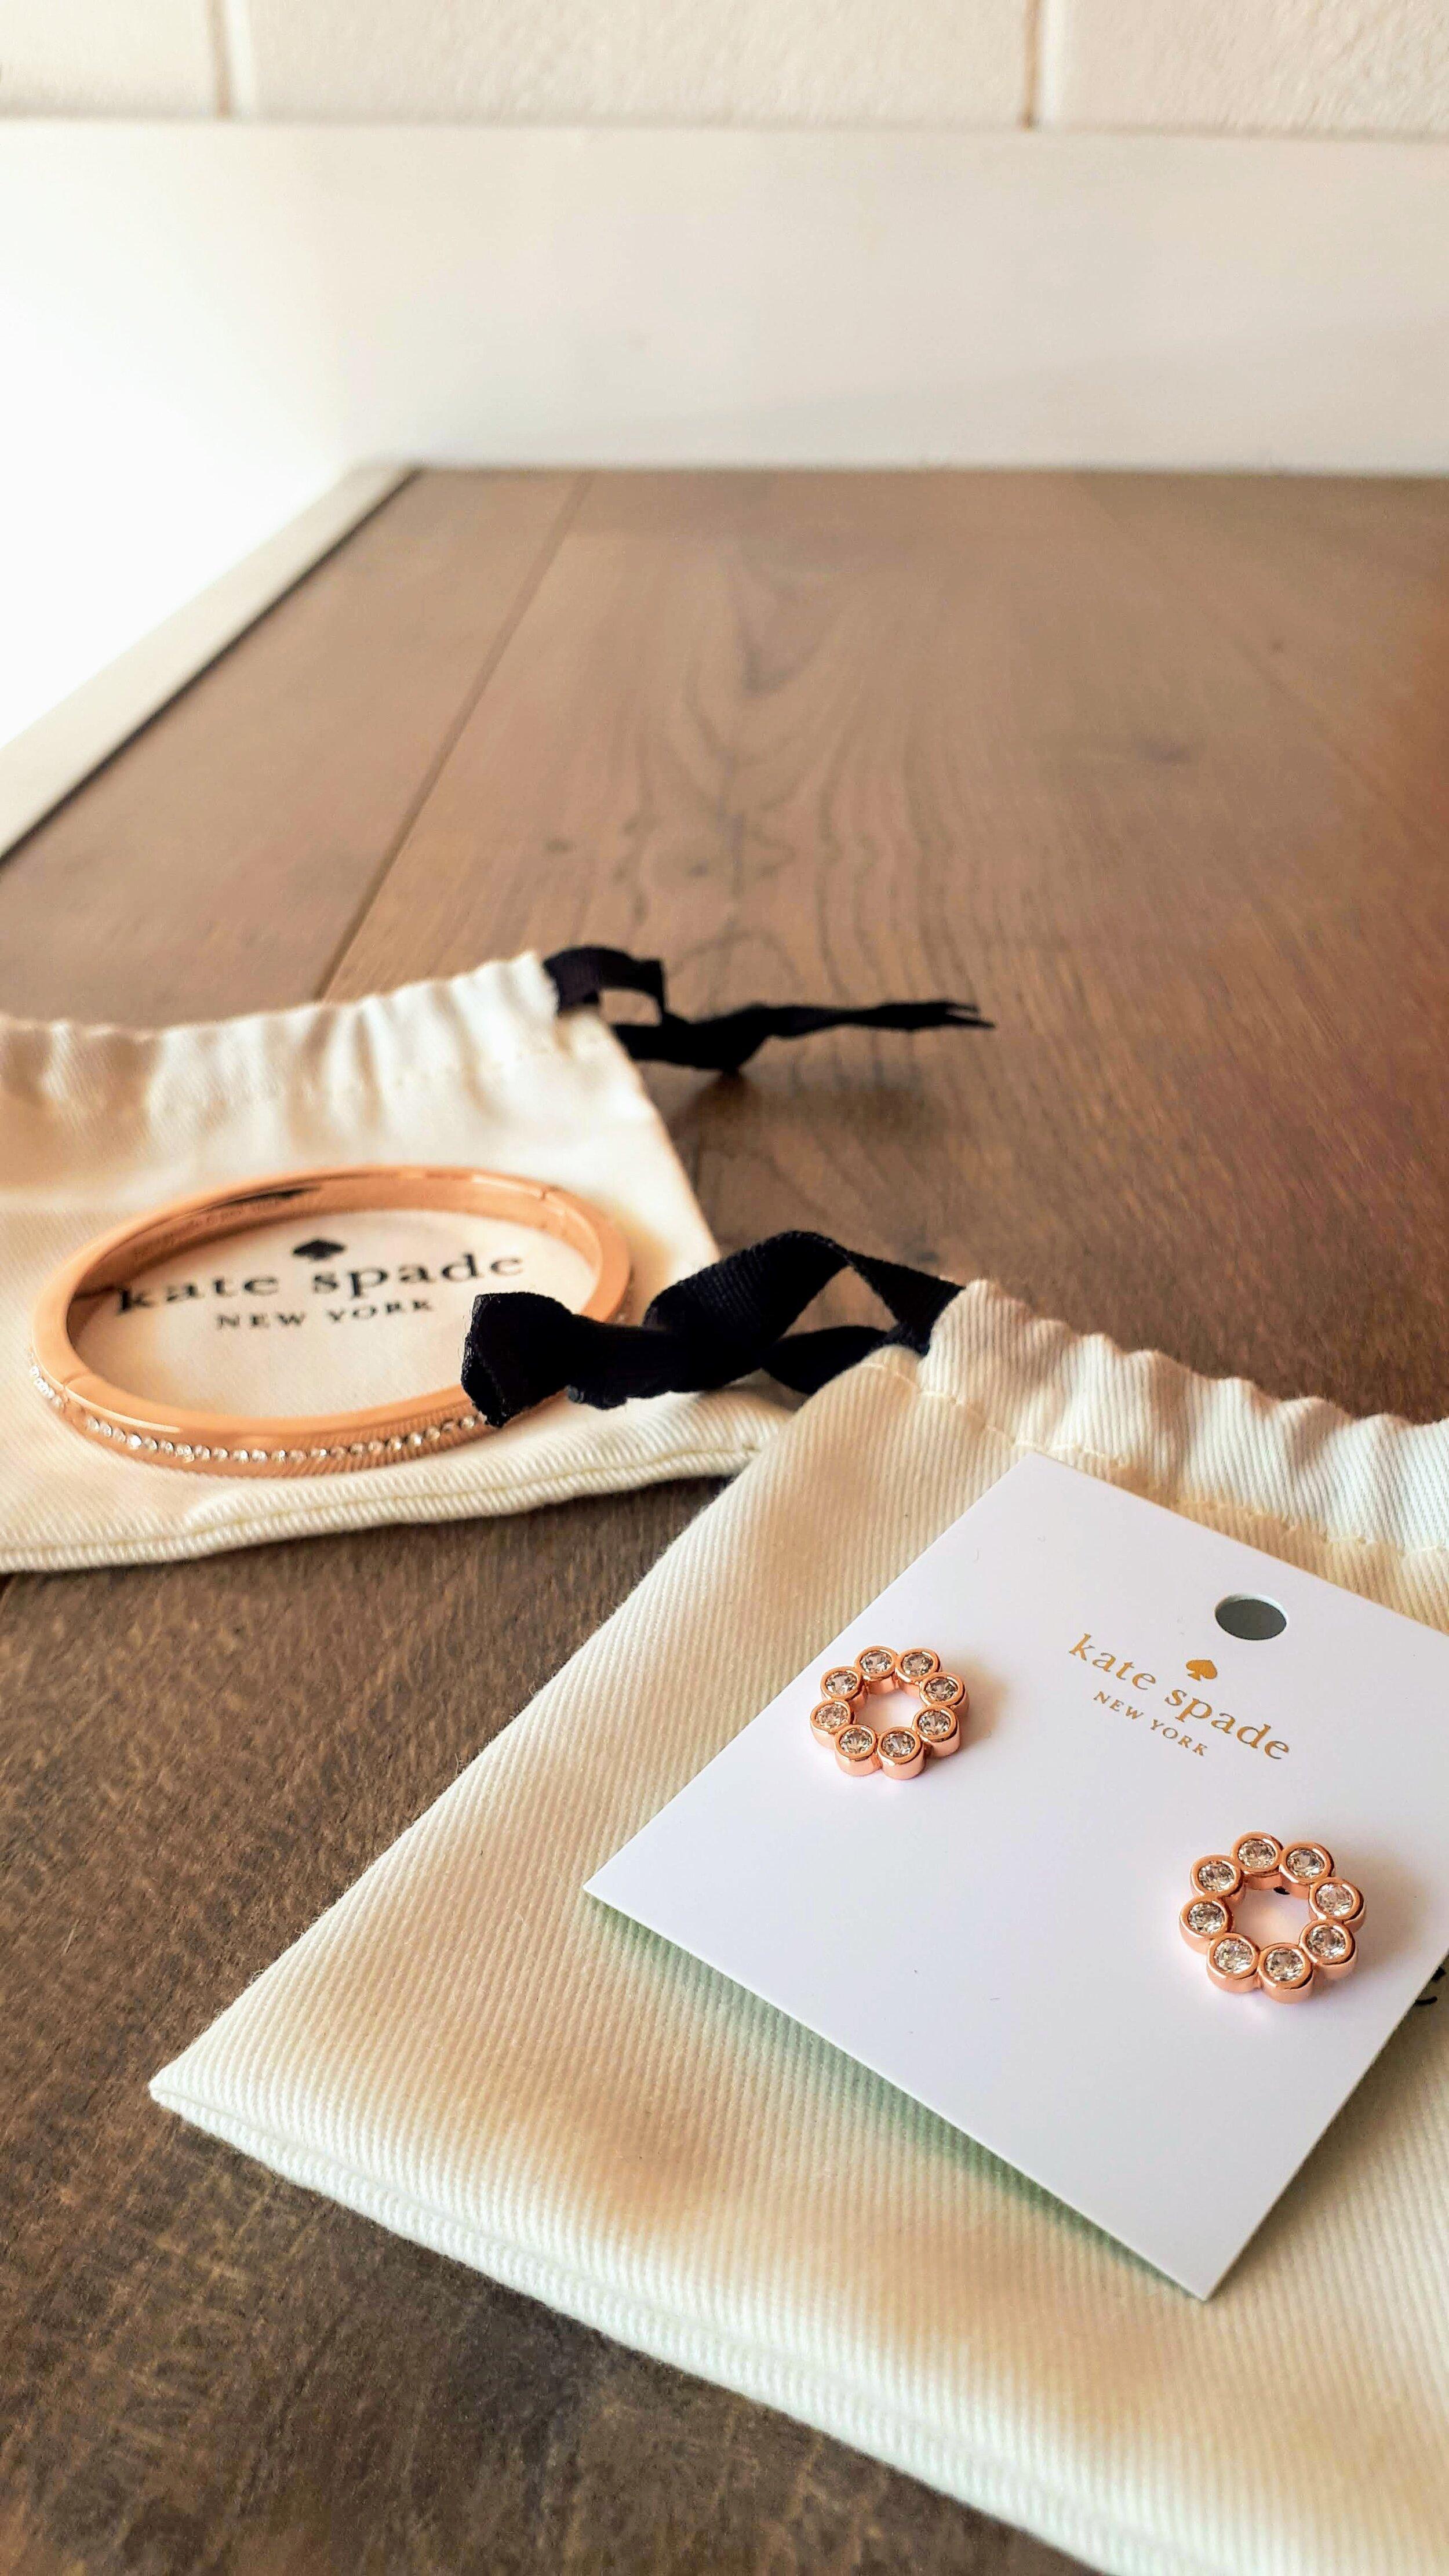 Kate Spade: Bracelet $45. Earrings, $40